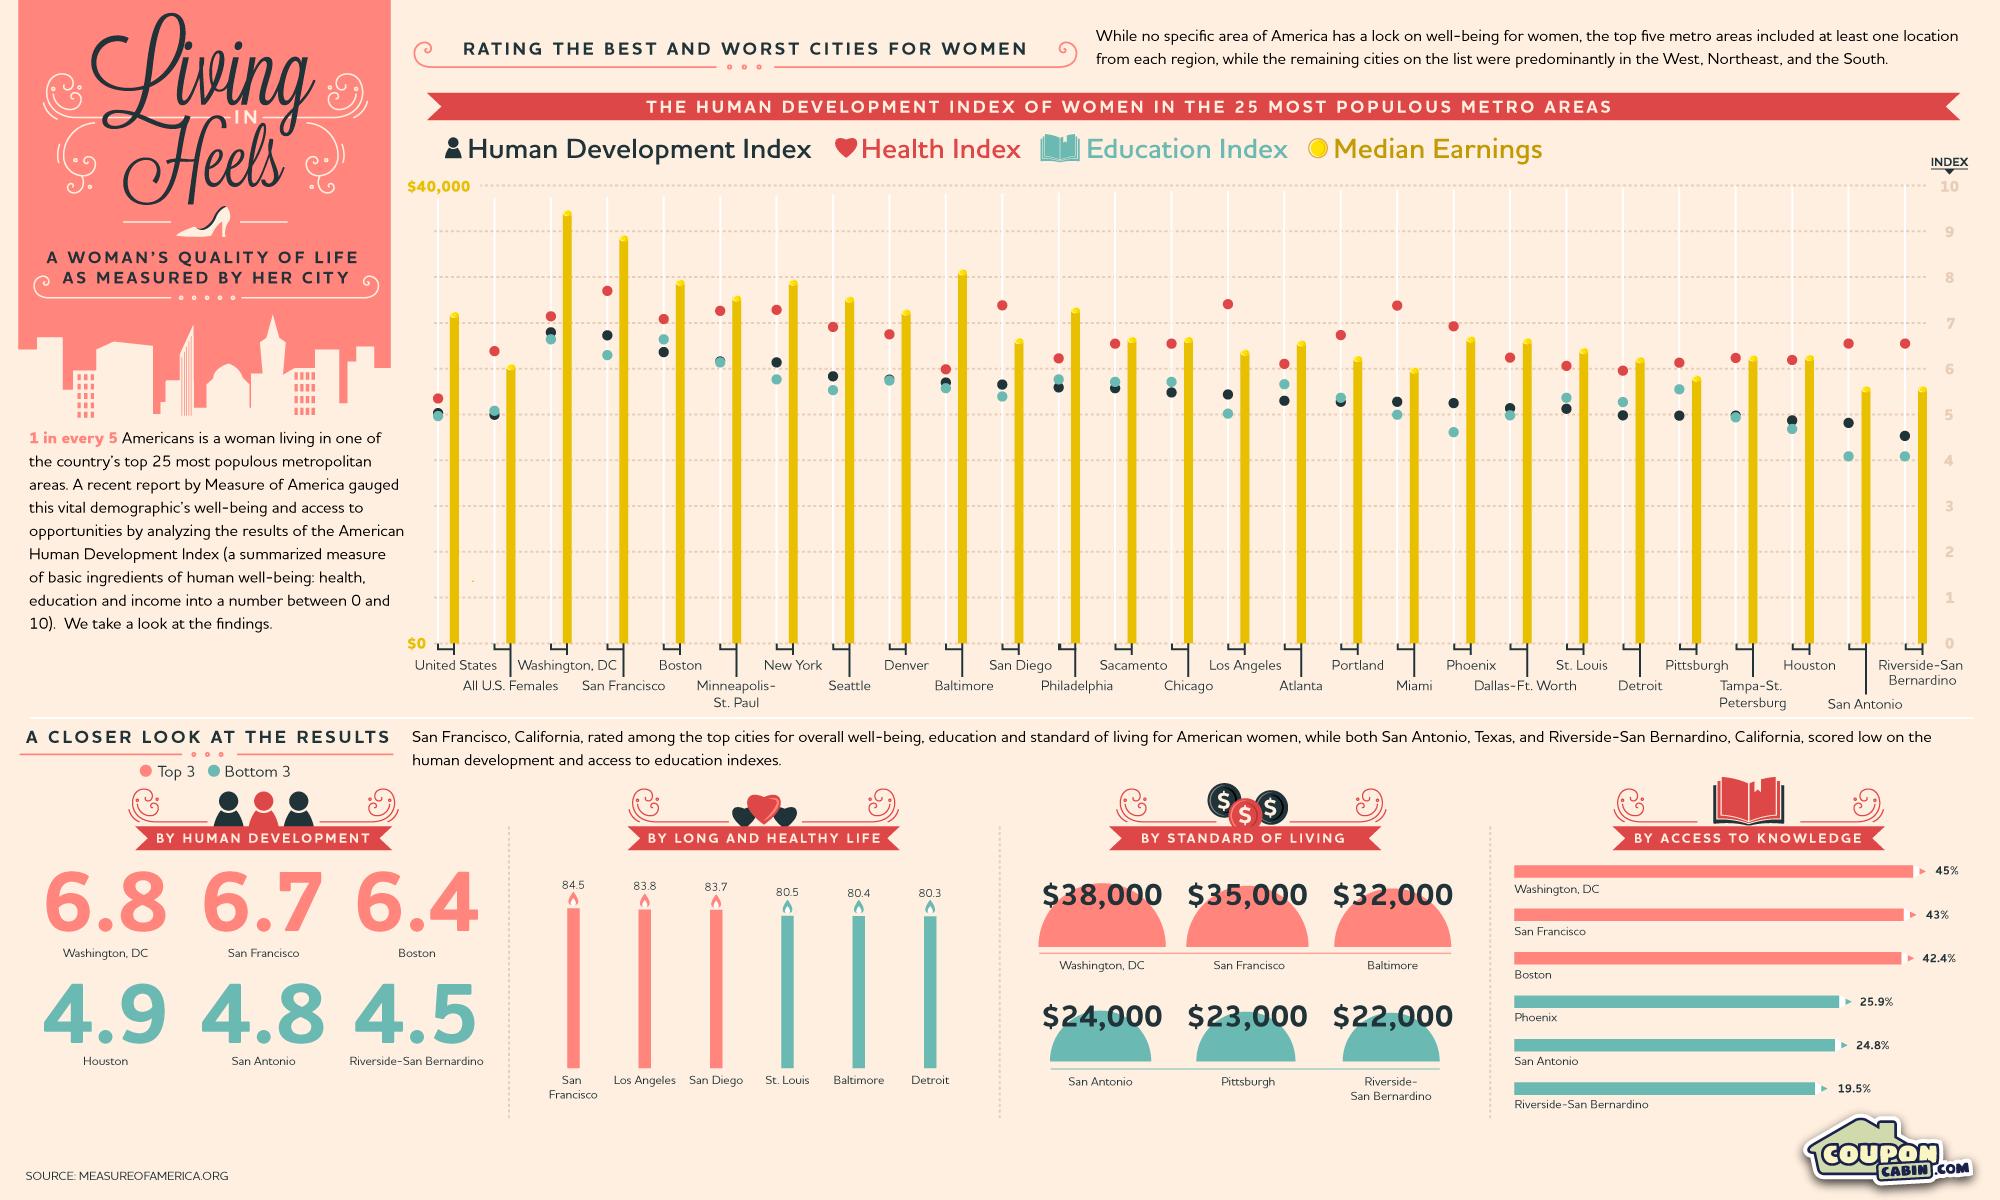 Living-In-Heels-infographic